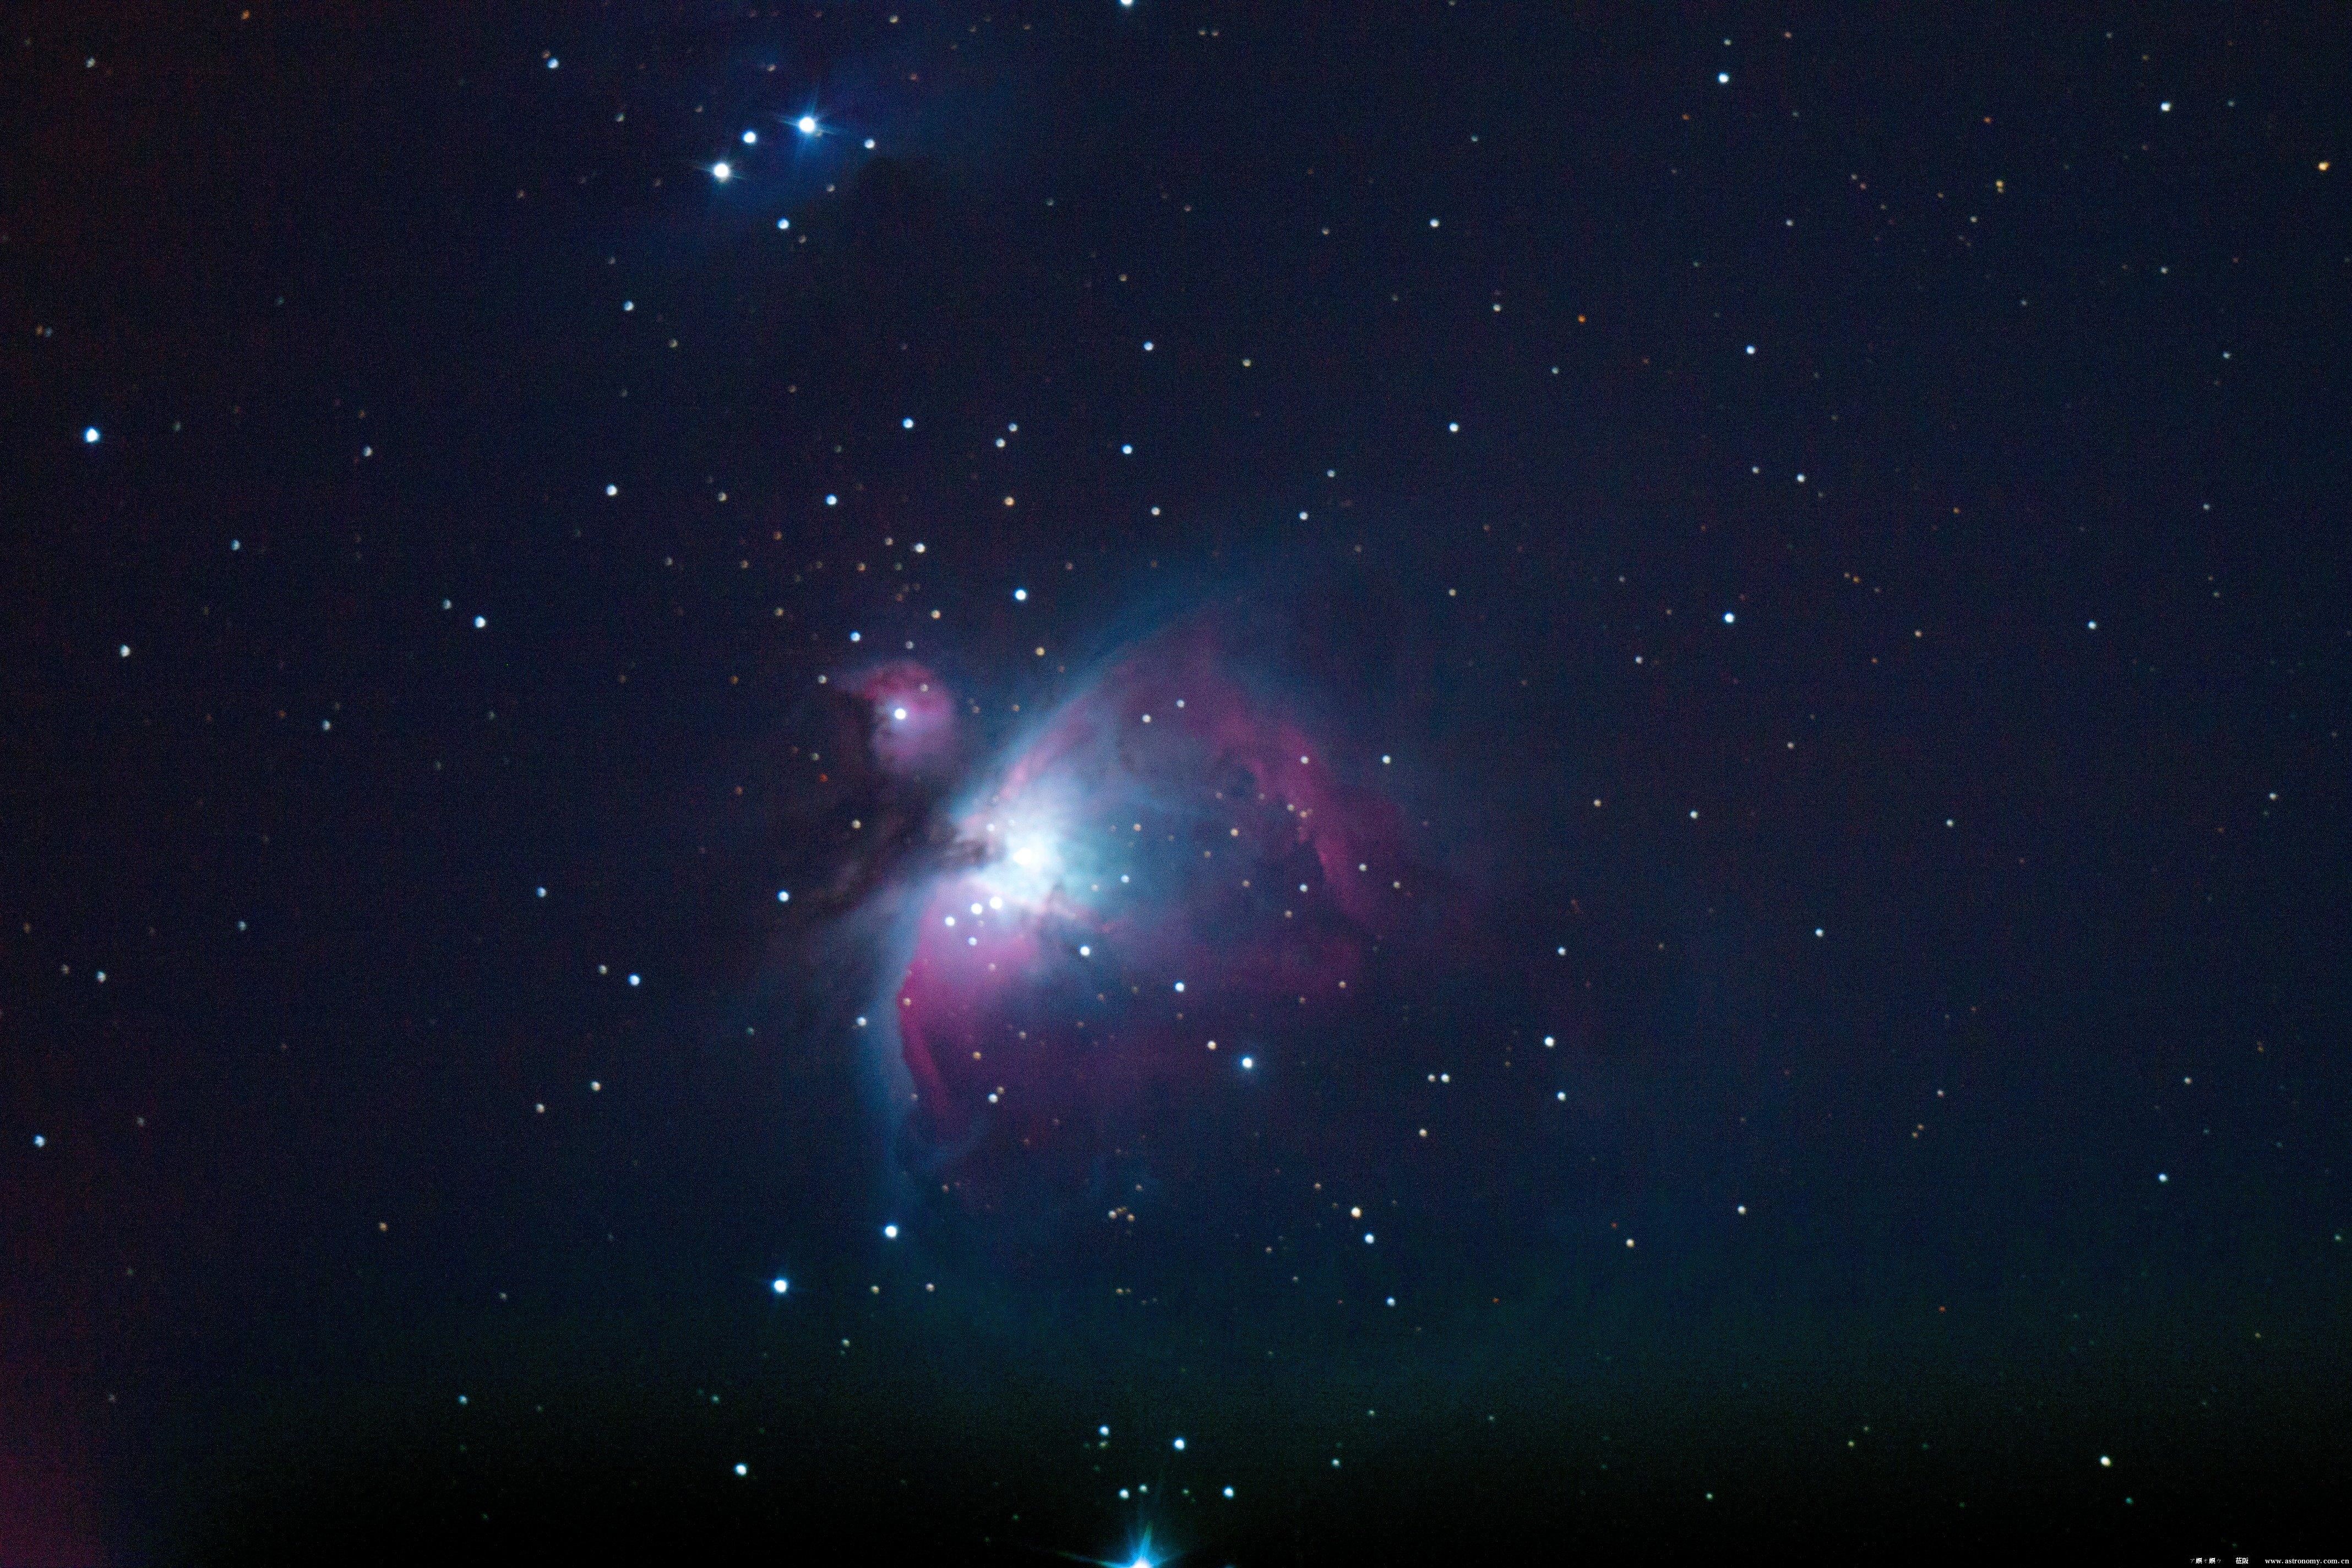 猎户座大星云,单张1分钟